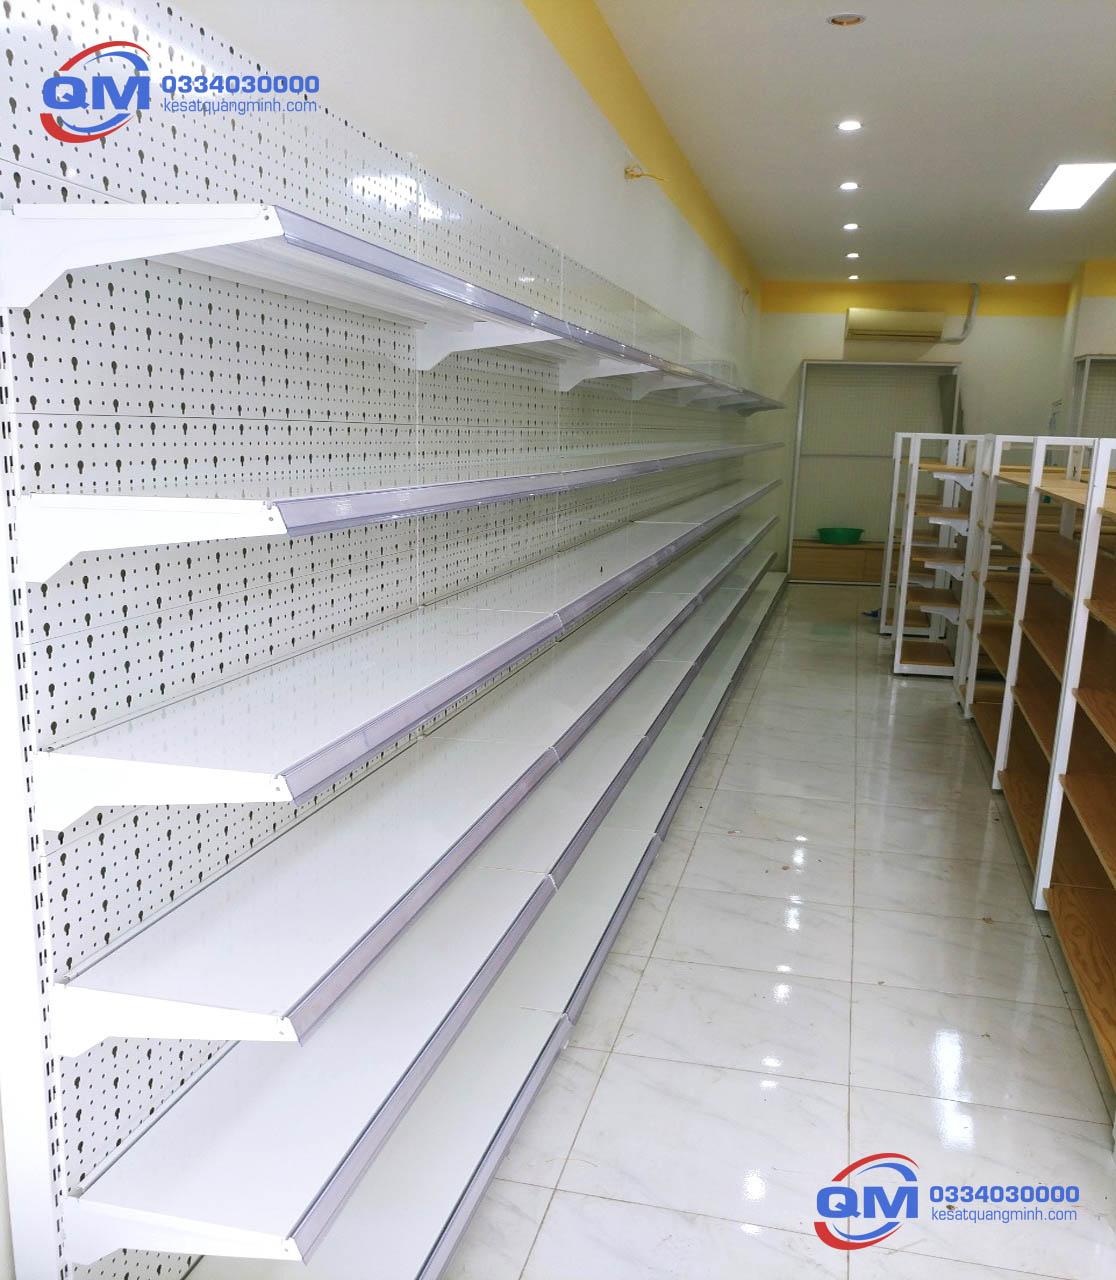 kệ siêu thị tôn đột lỗ 6 tầng